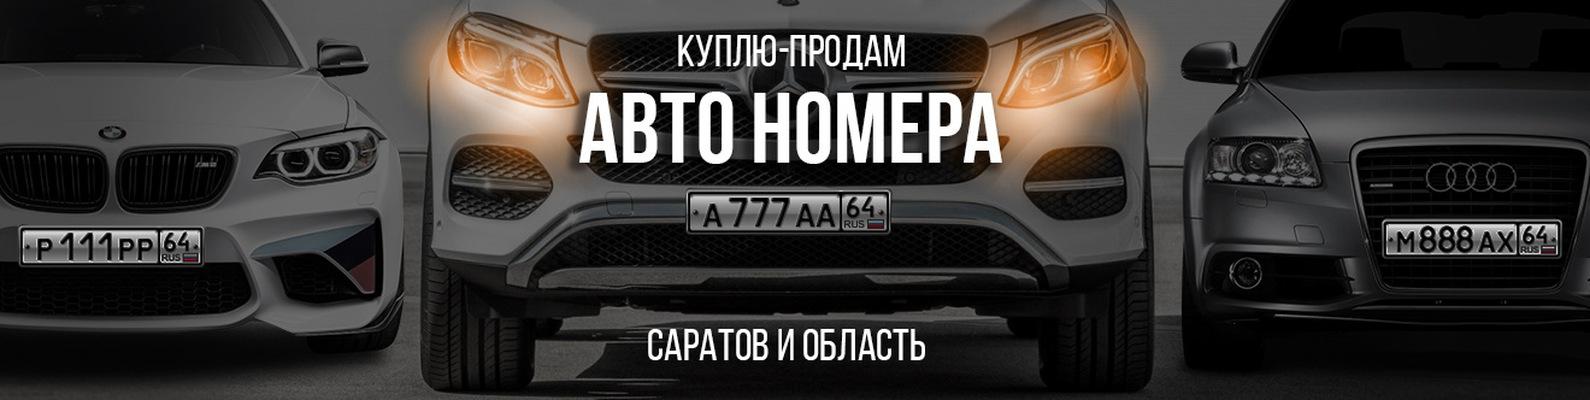 Продажа и покупка авто в Беларуси купить автомобиль бу